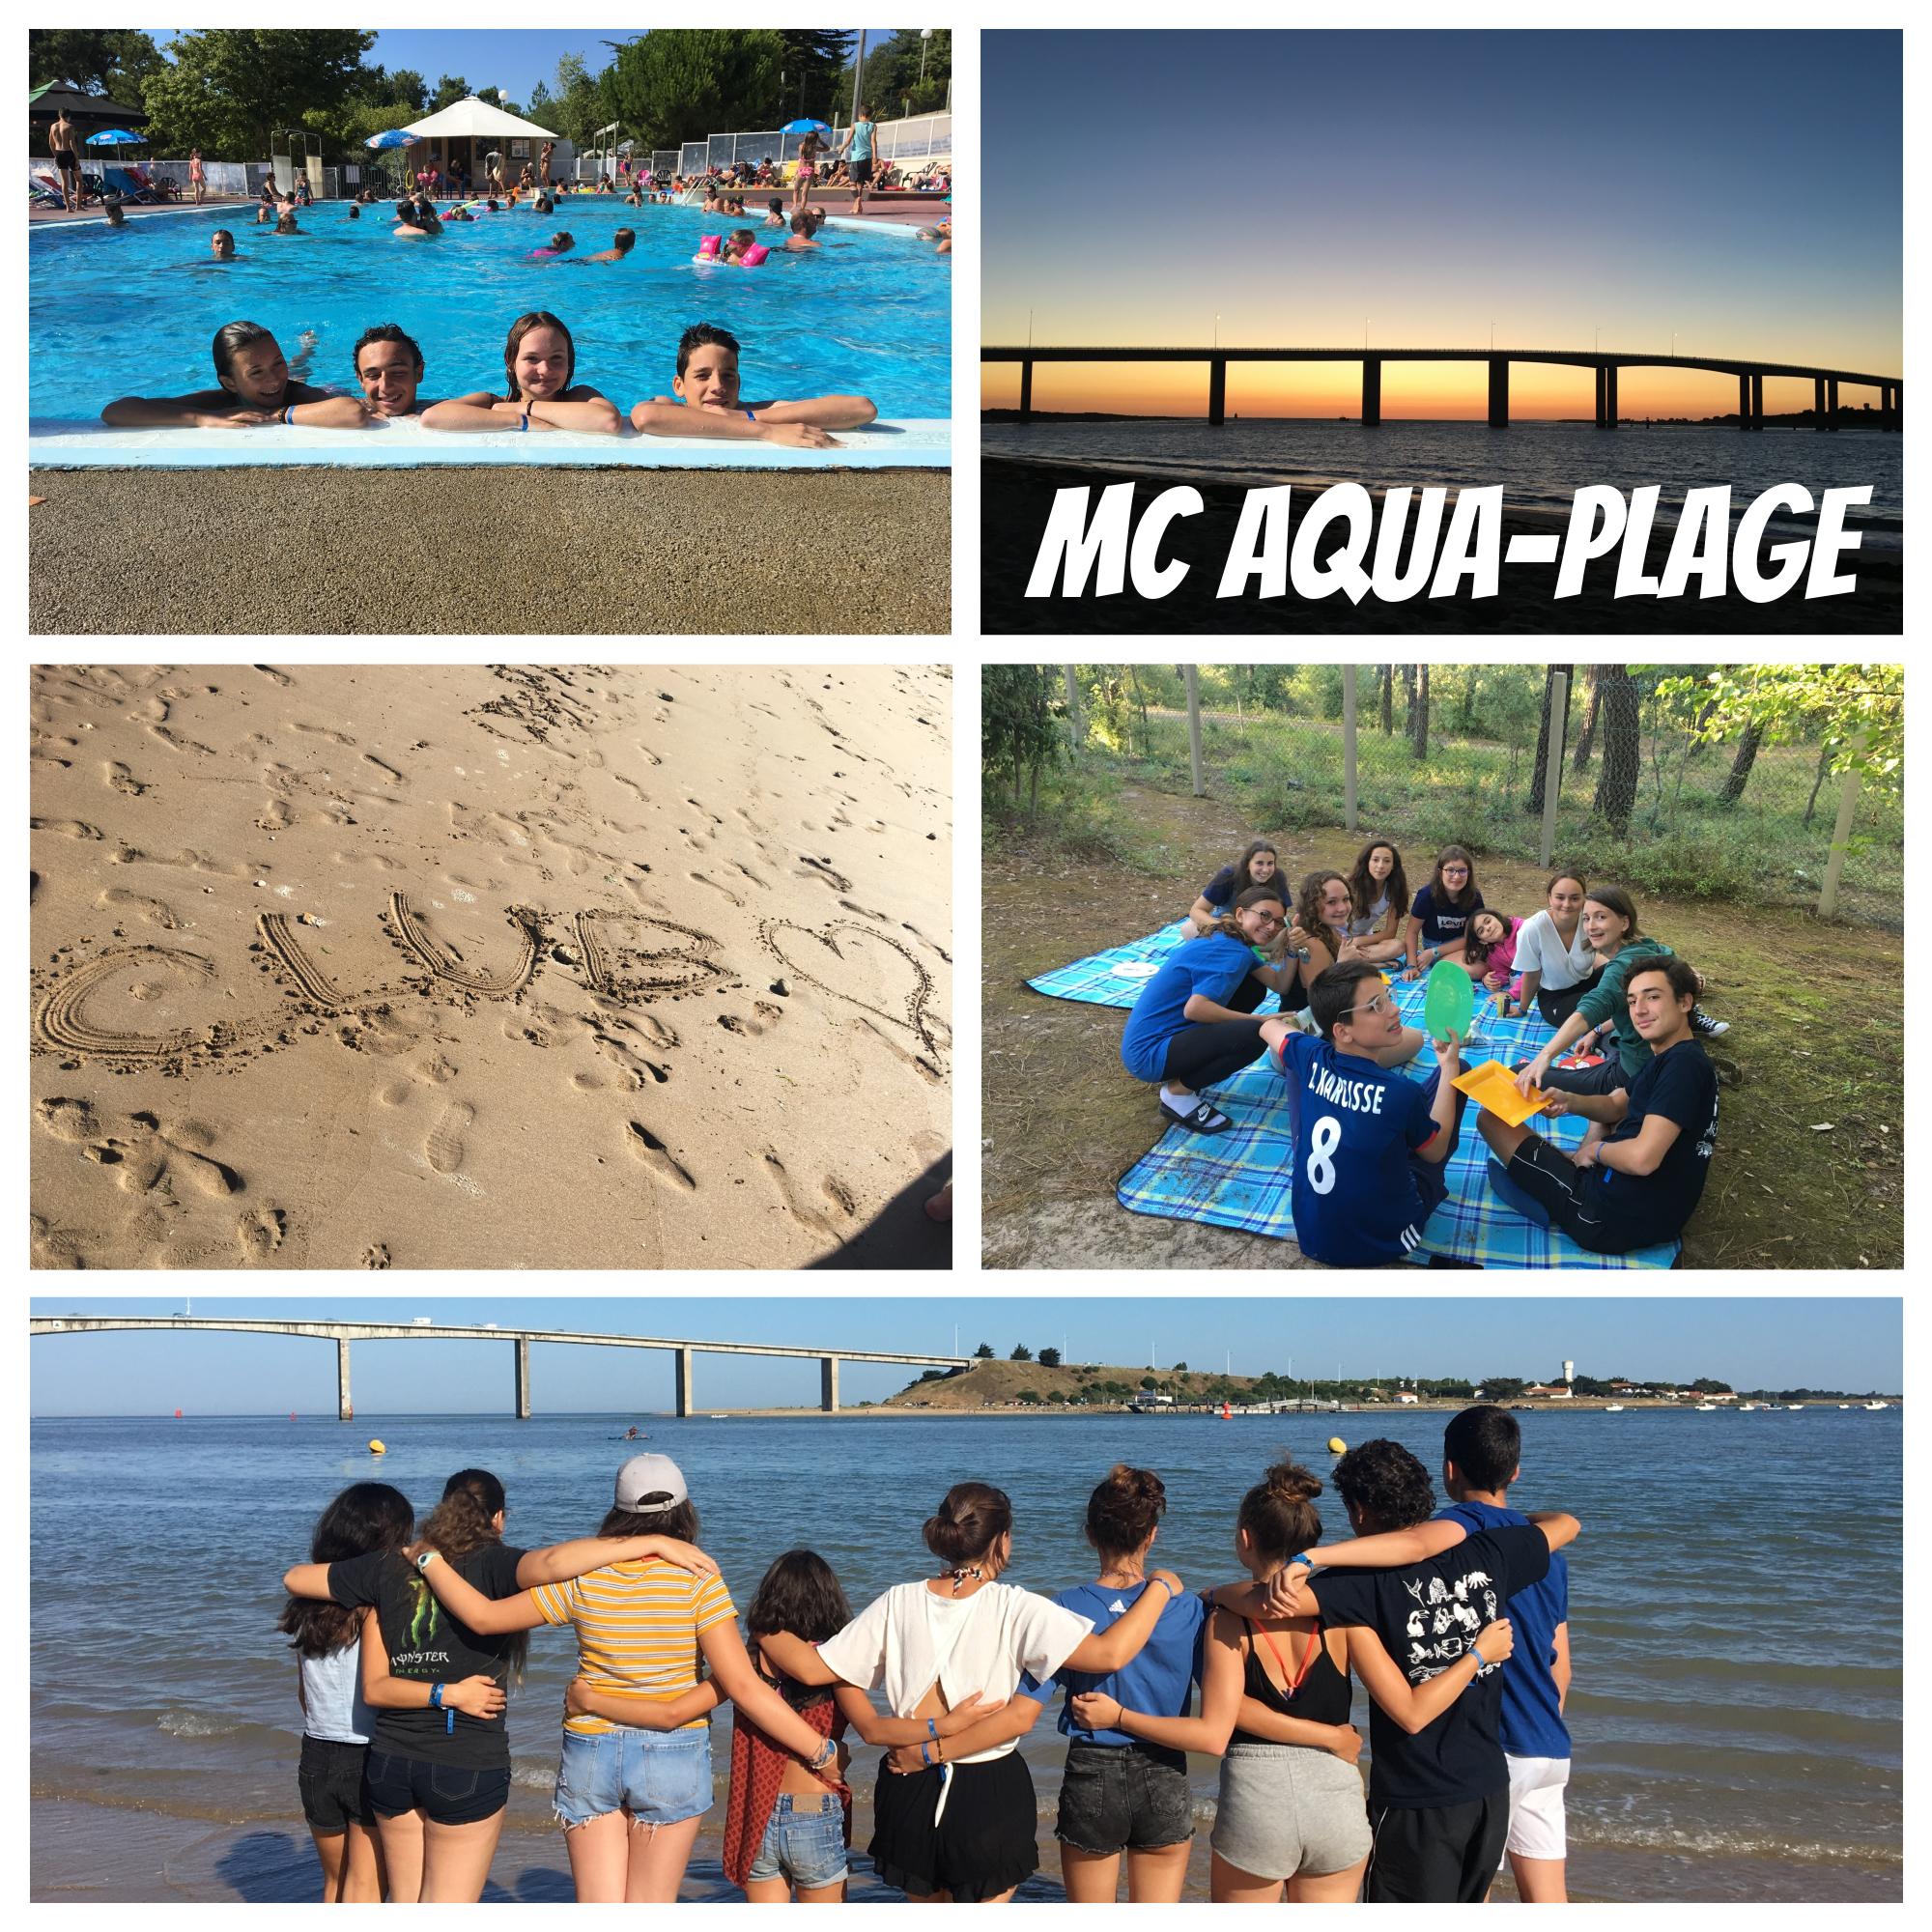 MC Aqua plage